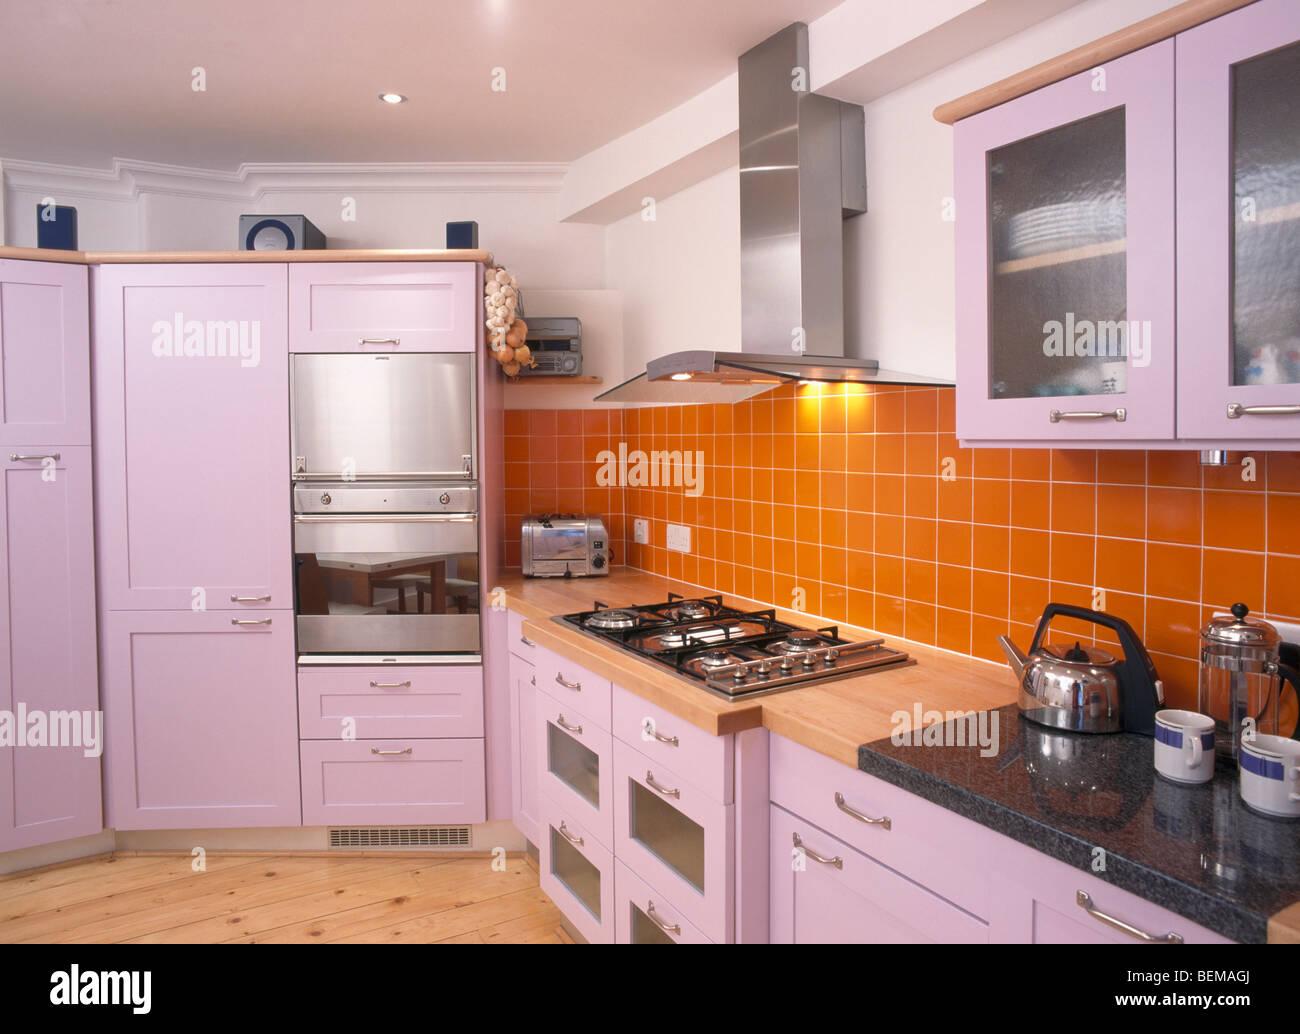 Kitchen Tiles Orange wonderful kitchen tiles orange mediterraneankitchen c with design